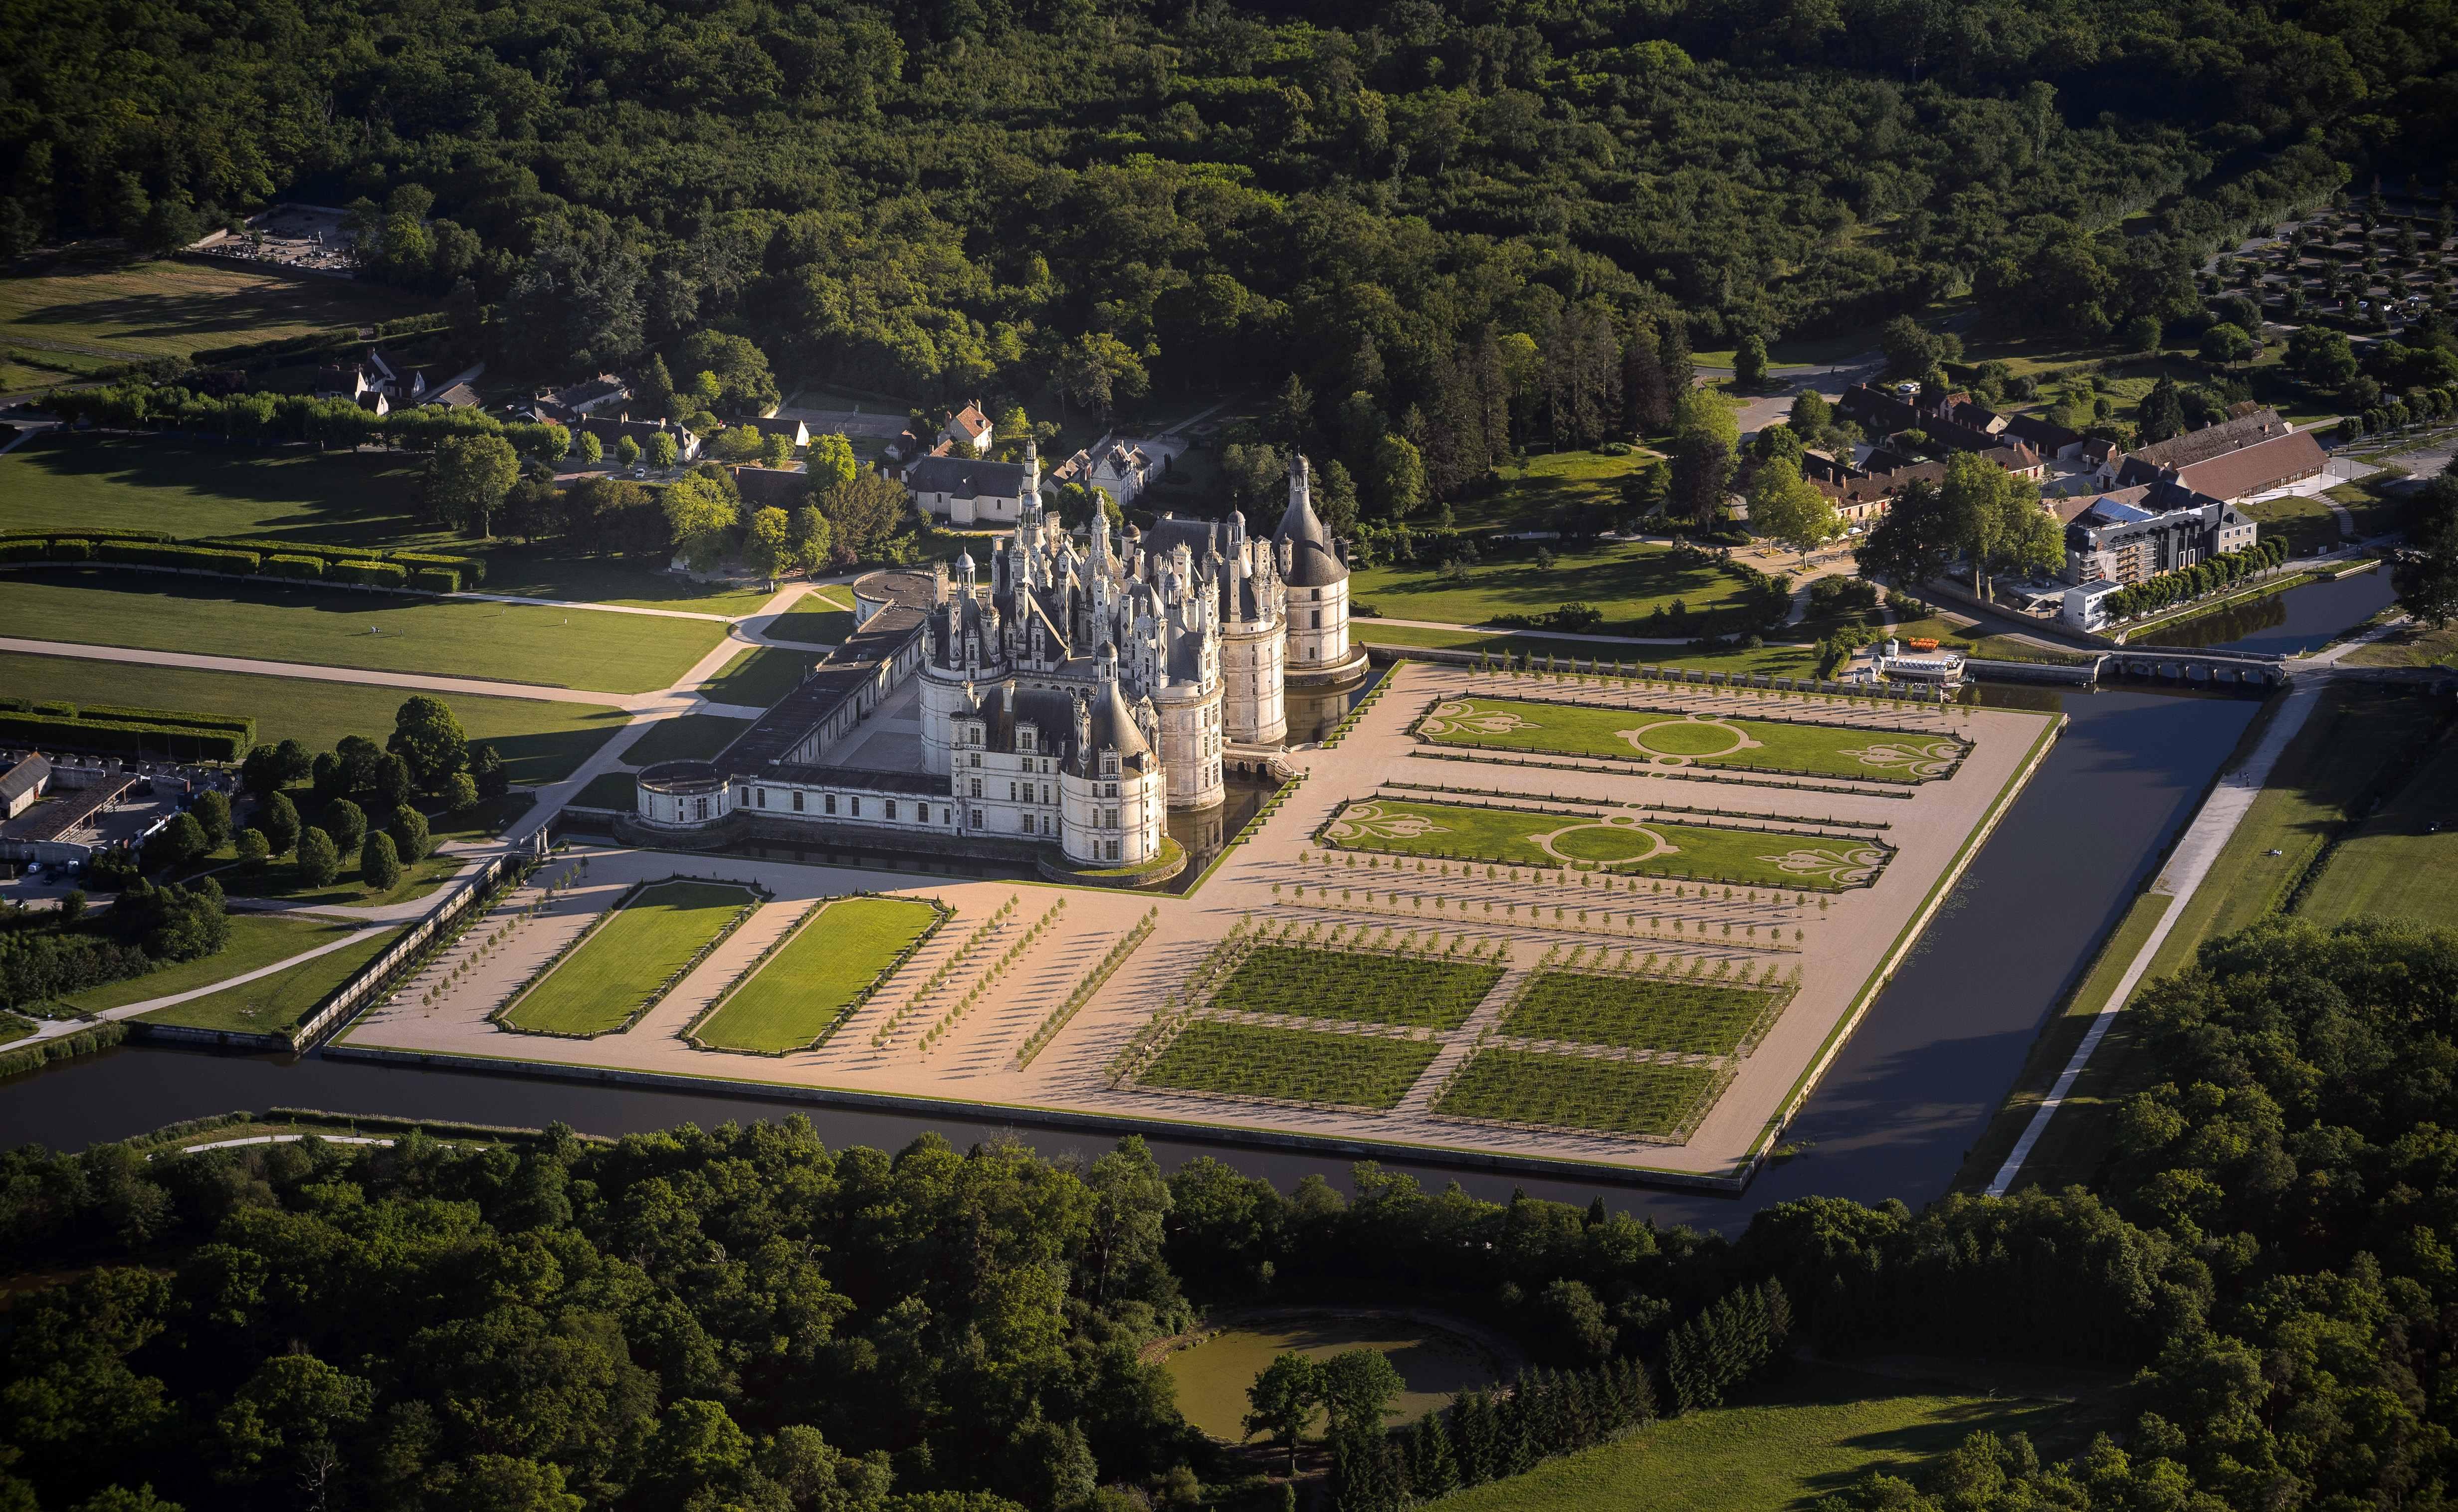 500-Ans-Renaissances-Val-de-Loire-Chambord_Vol-Montgolfiere_2_L-de-Serres